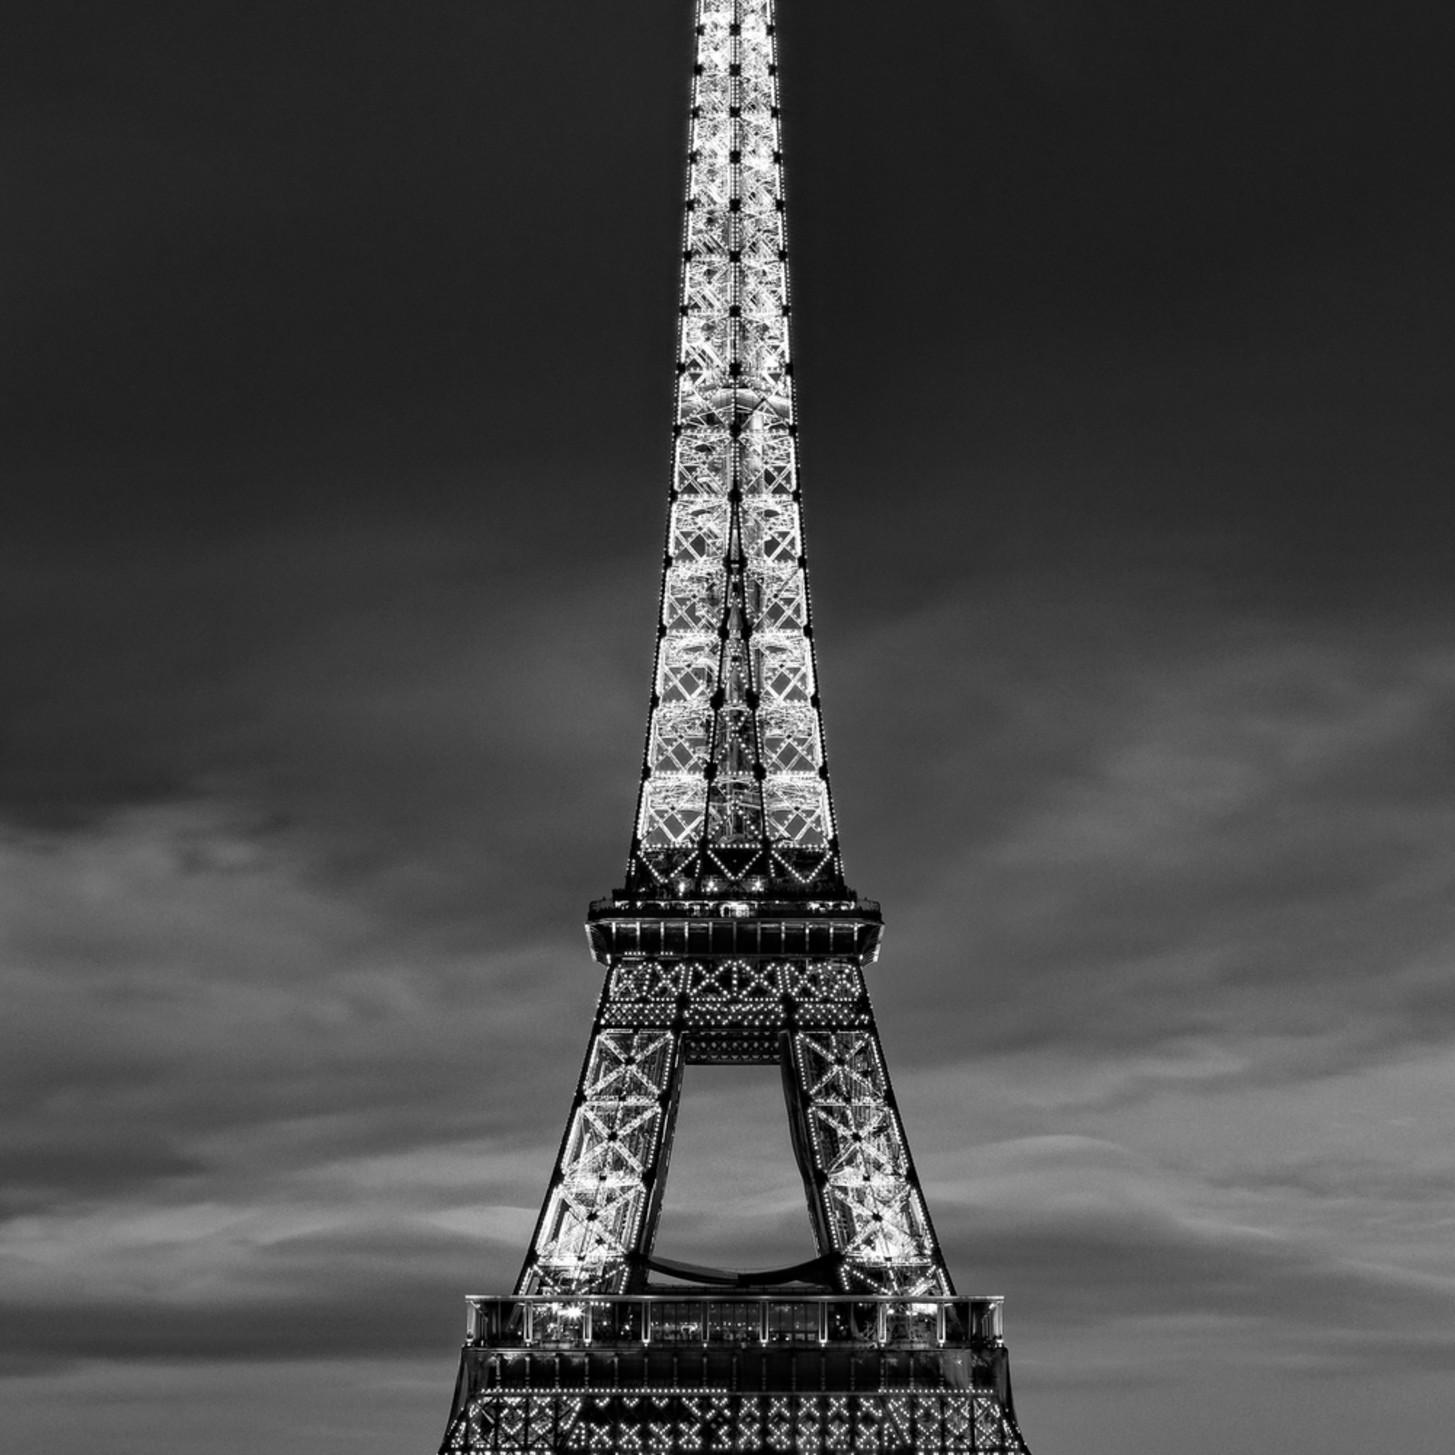 Eiffel 3 zvuzpz